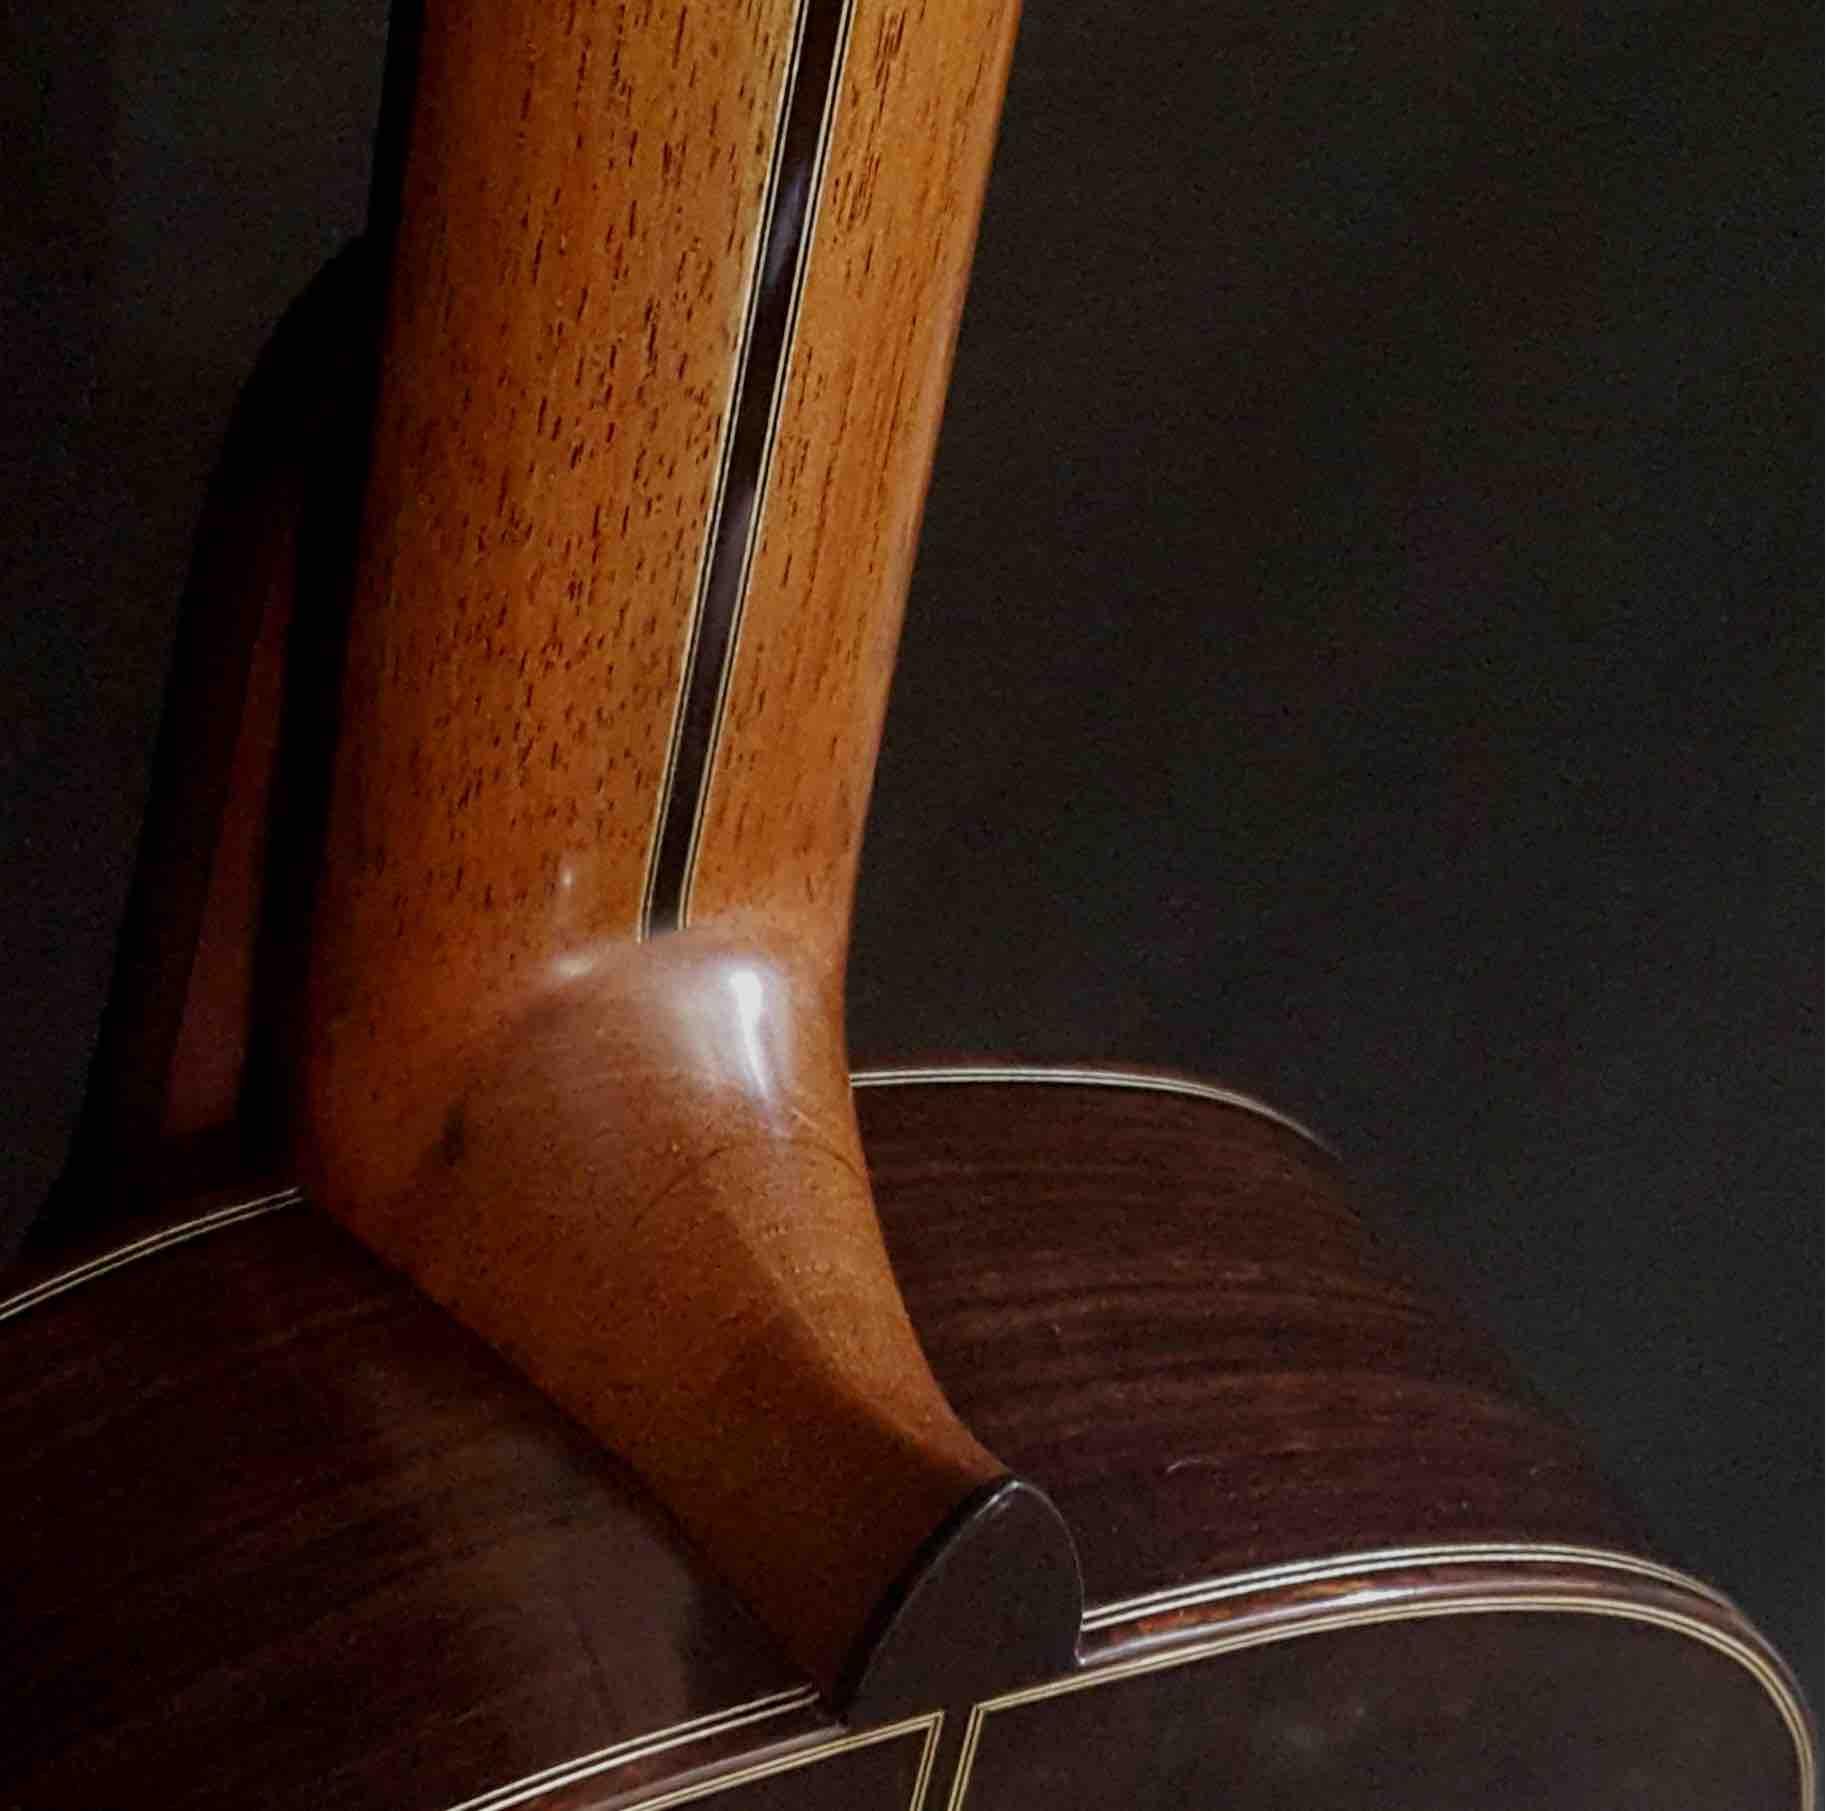 back-guitar-rosewood